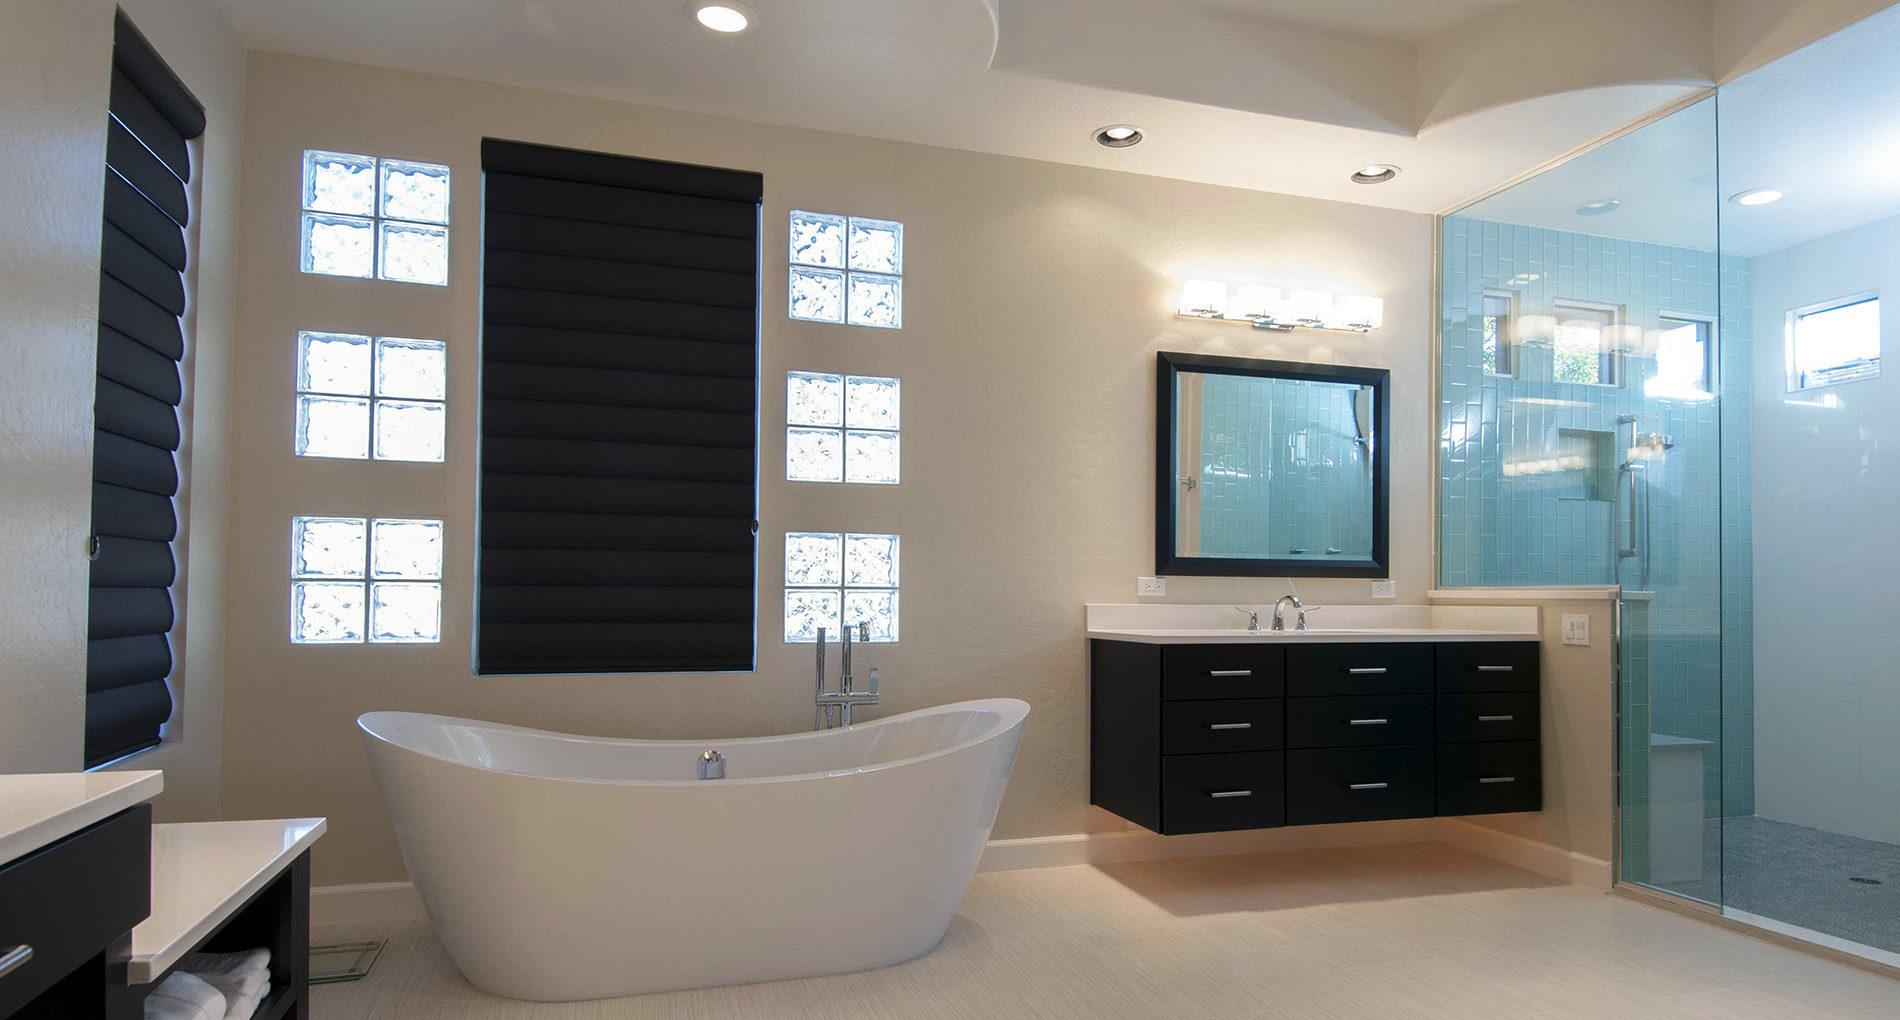 Bathroom Remodel Peoria Acaciadr Slider